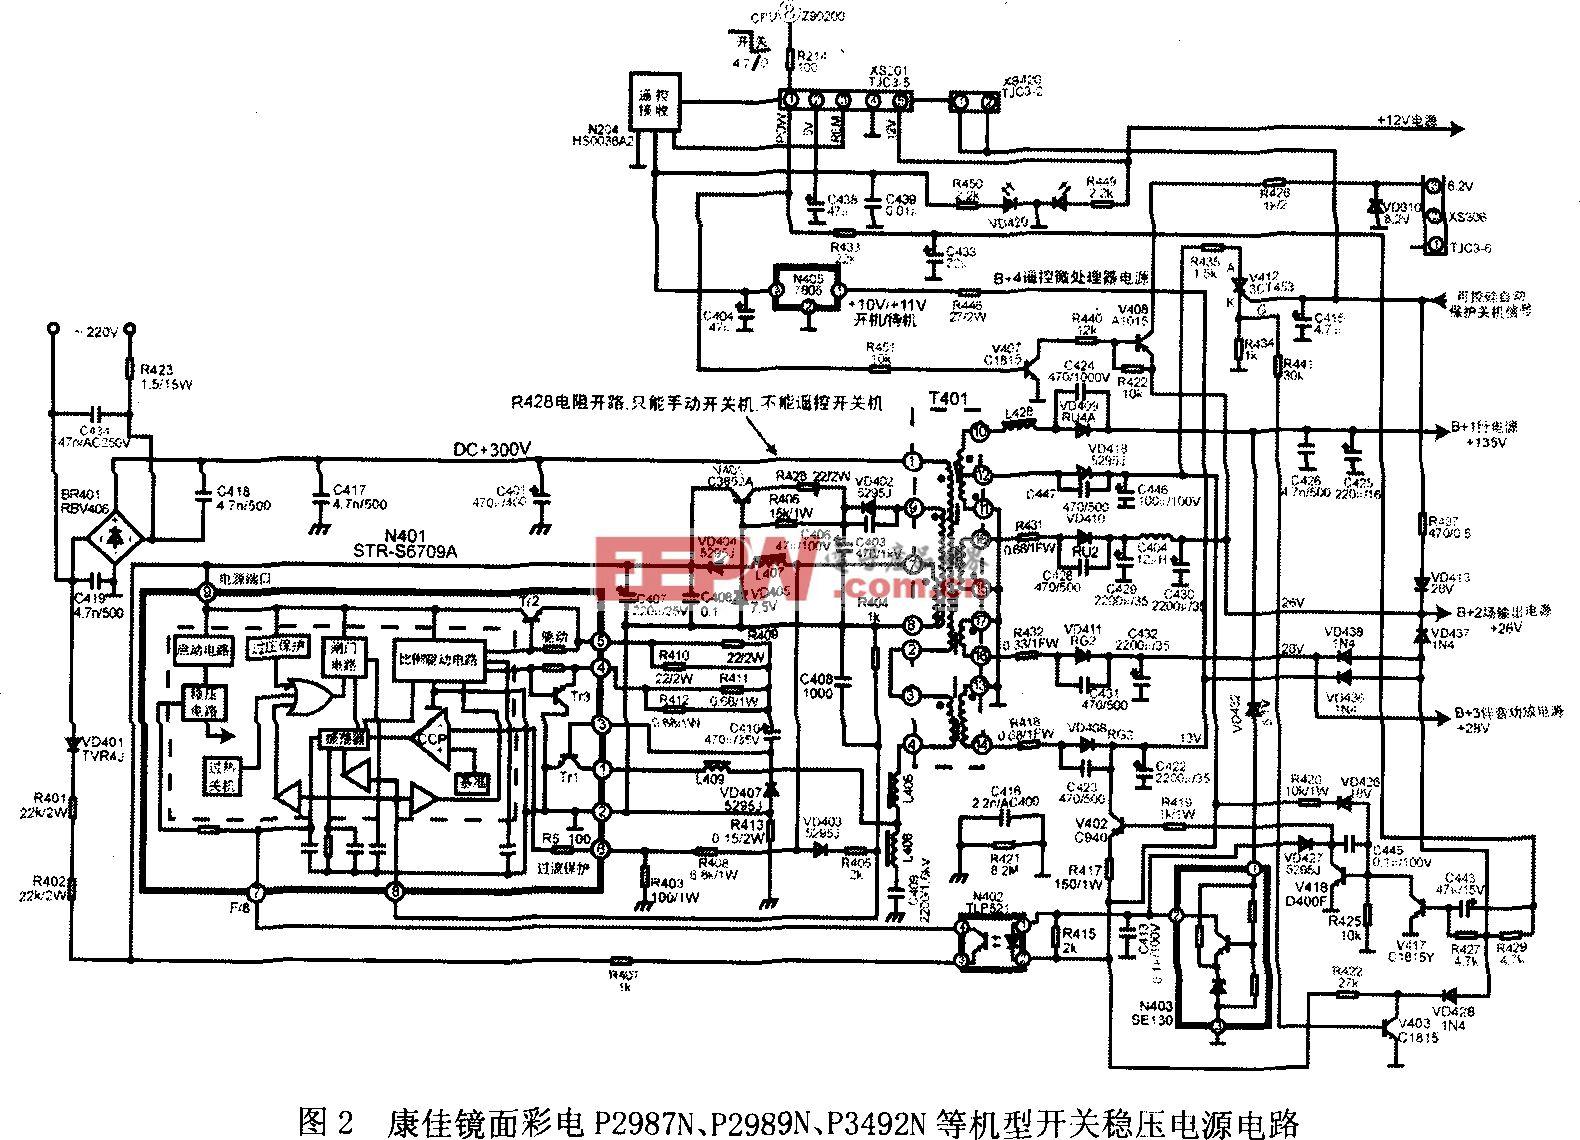 康佳镜面彩电P2987N、P2989N、P3492N等机型开关稳压电源电路